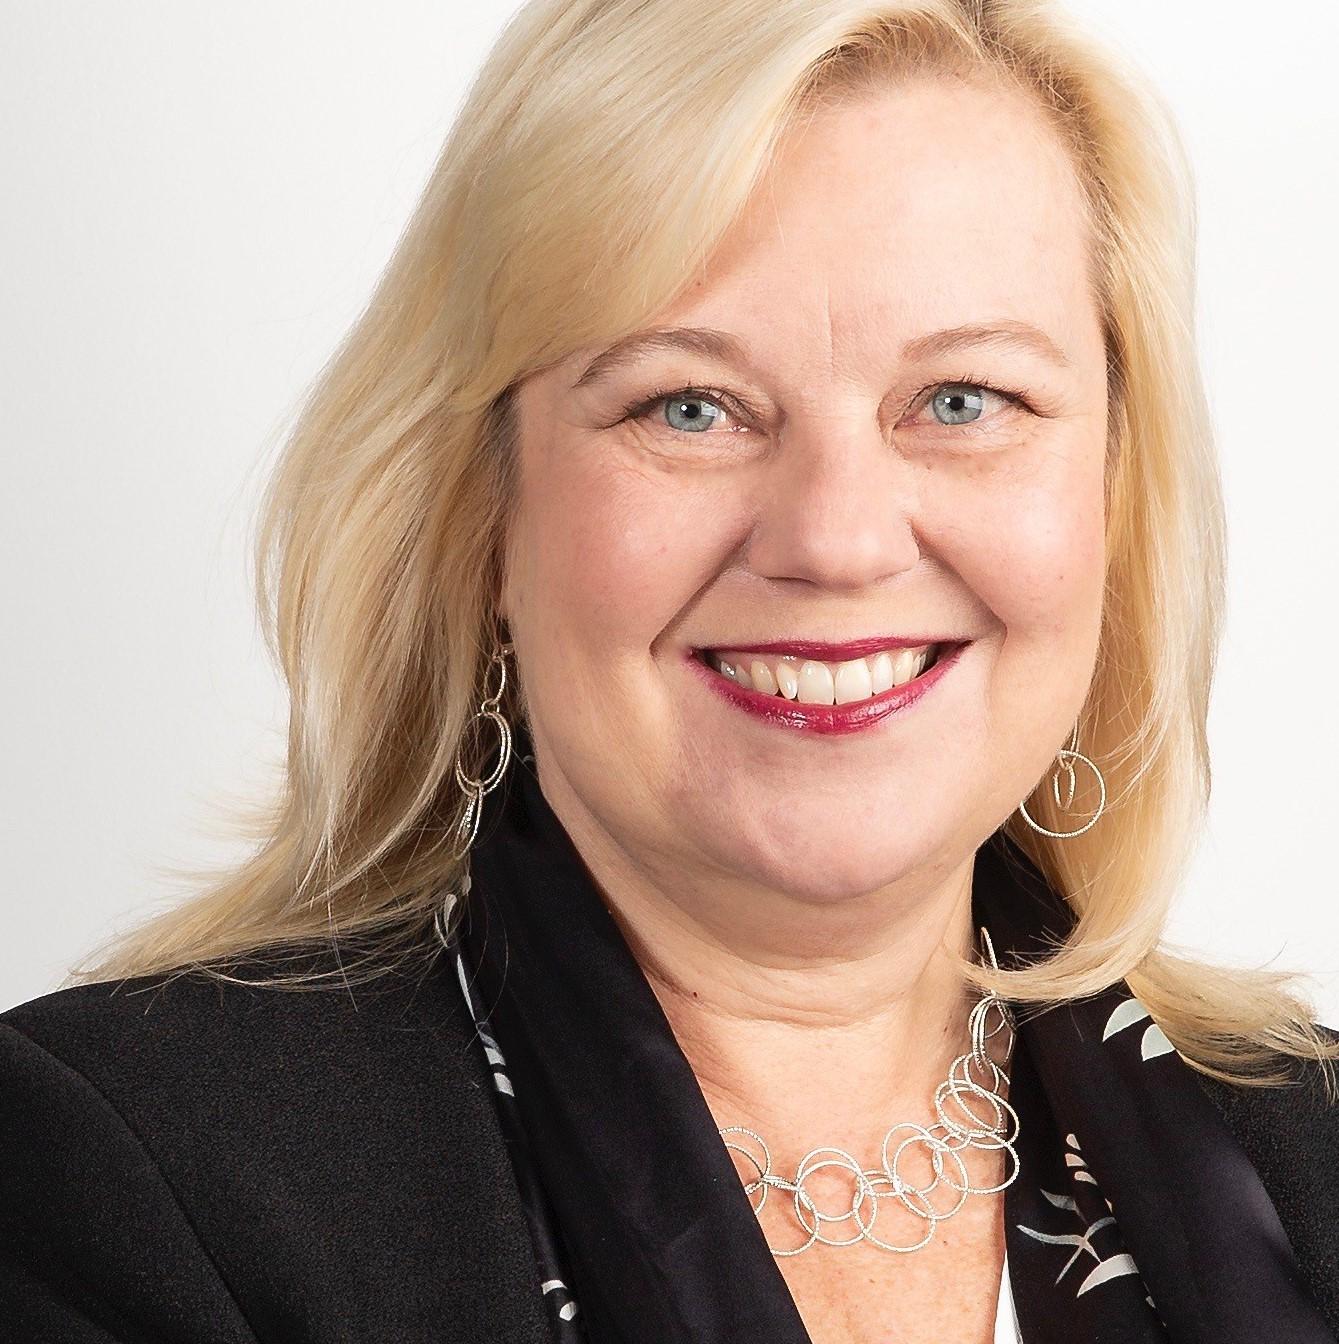 Professor Leanne M. Togher, FSPA CPSP